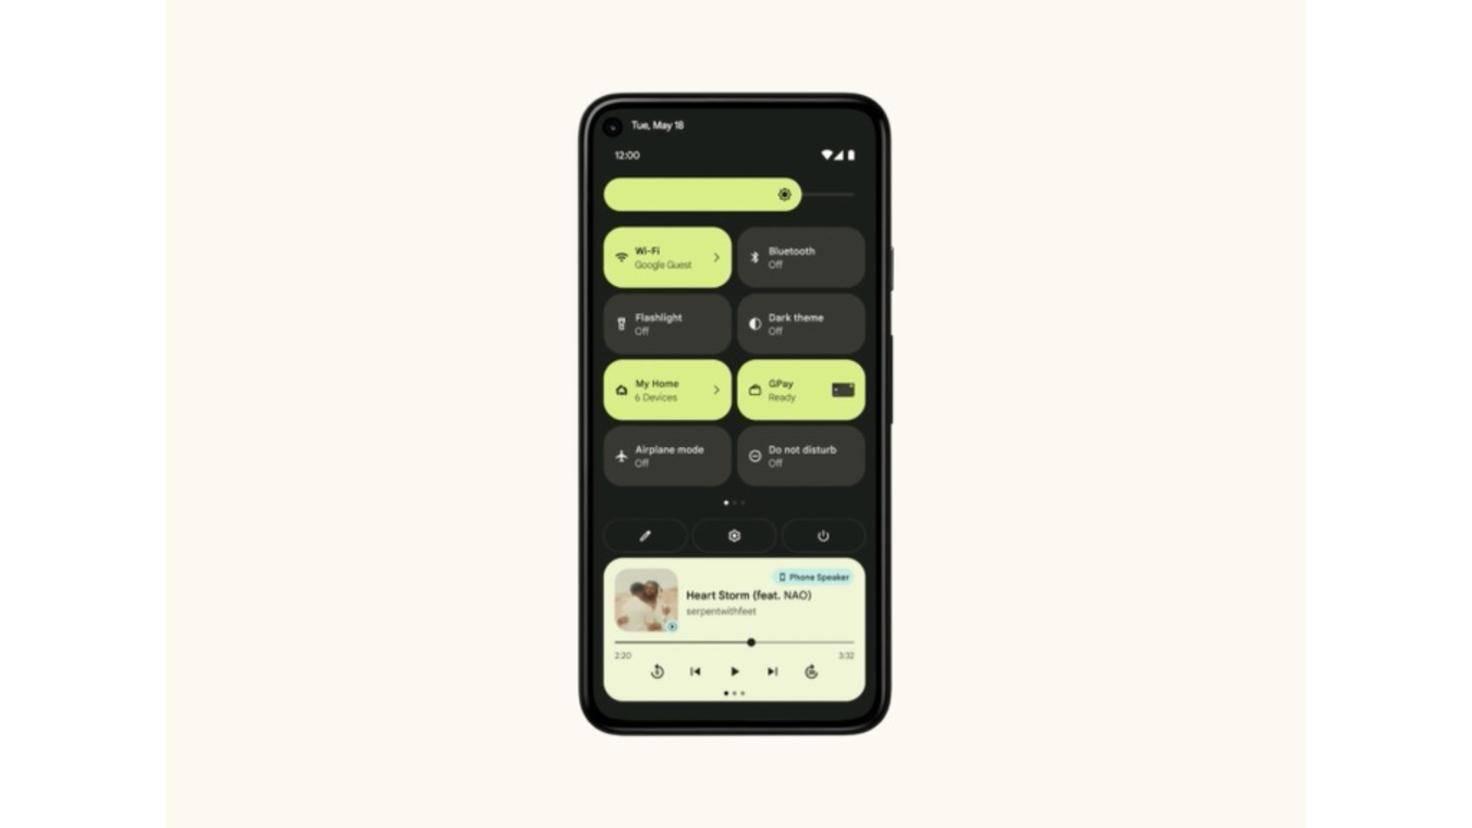 android-12-benachrichtigungen-schnelleinstellungen